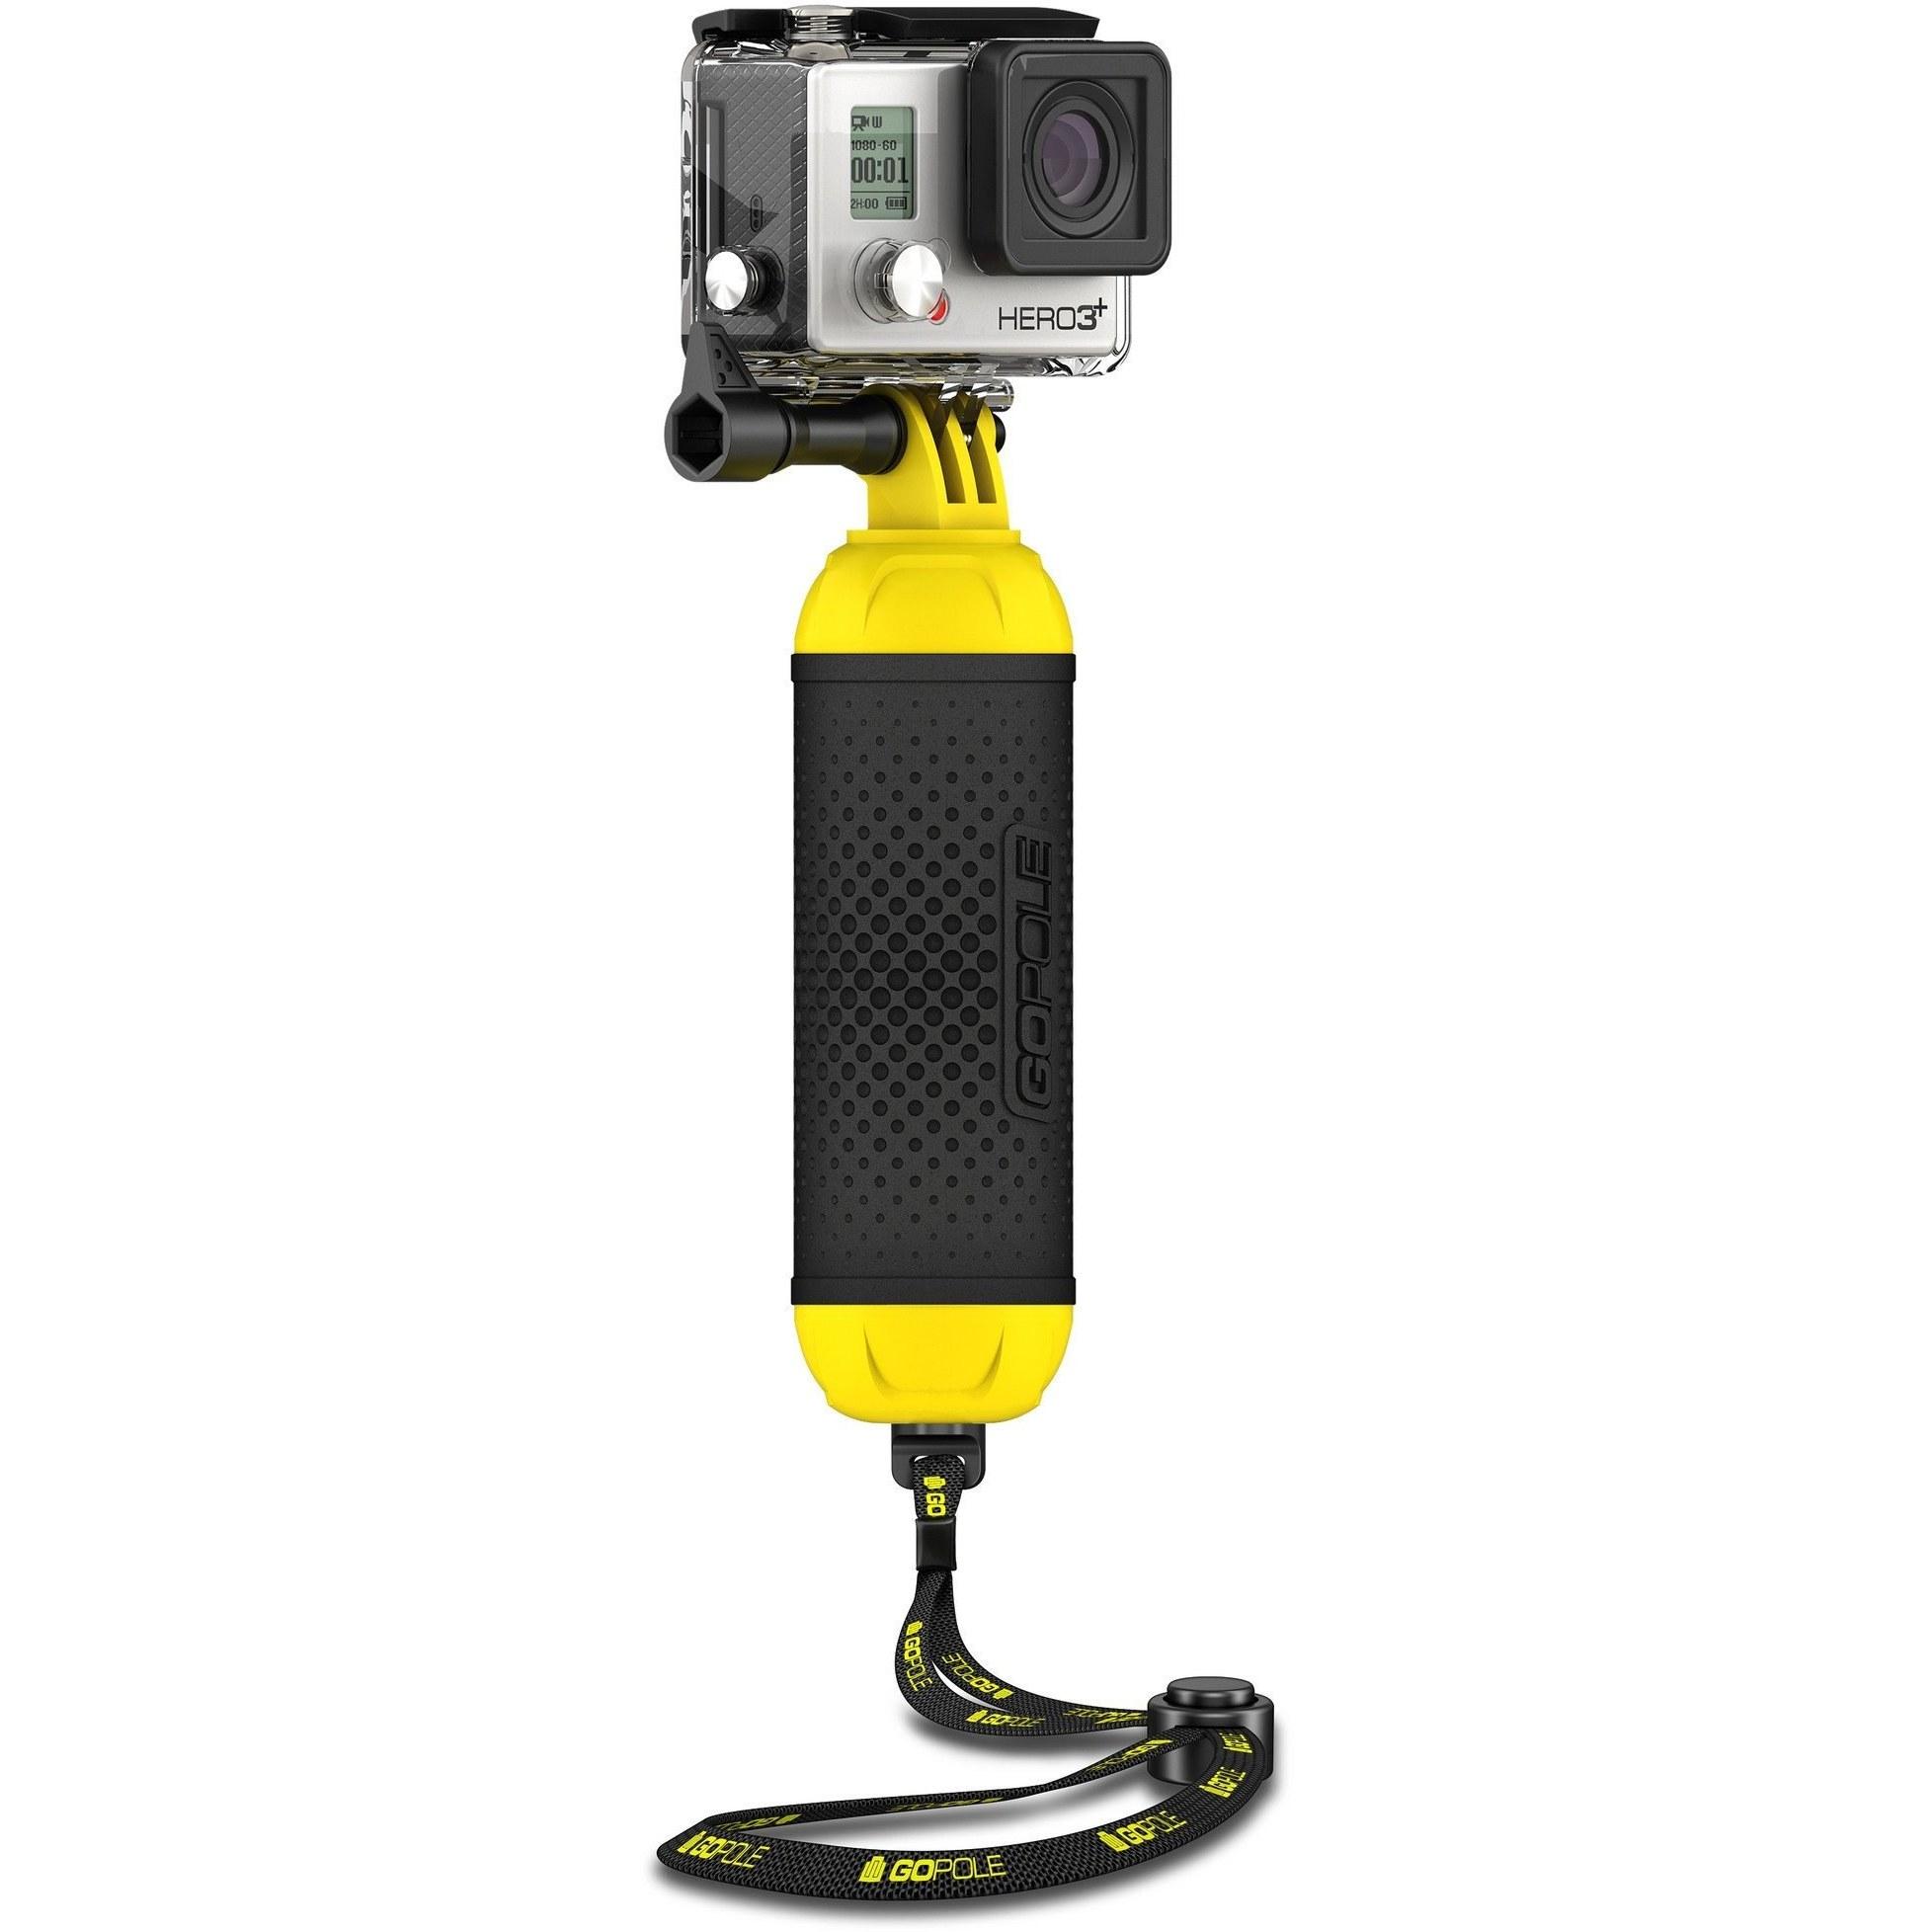 عکس منوپاد شناور GoPole مدل Bobber مناسب برای دوربین های گوپرو ( Gopro )  منوپاد-شناور-gopole-مدل-bobber-مناسب-برای-دوربین-های-گوپرو-gopro